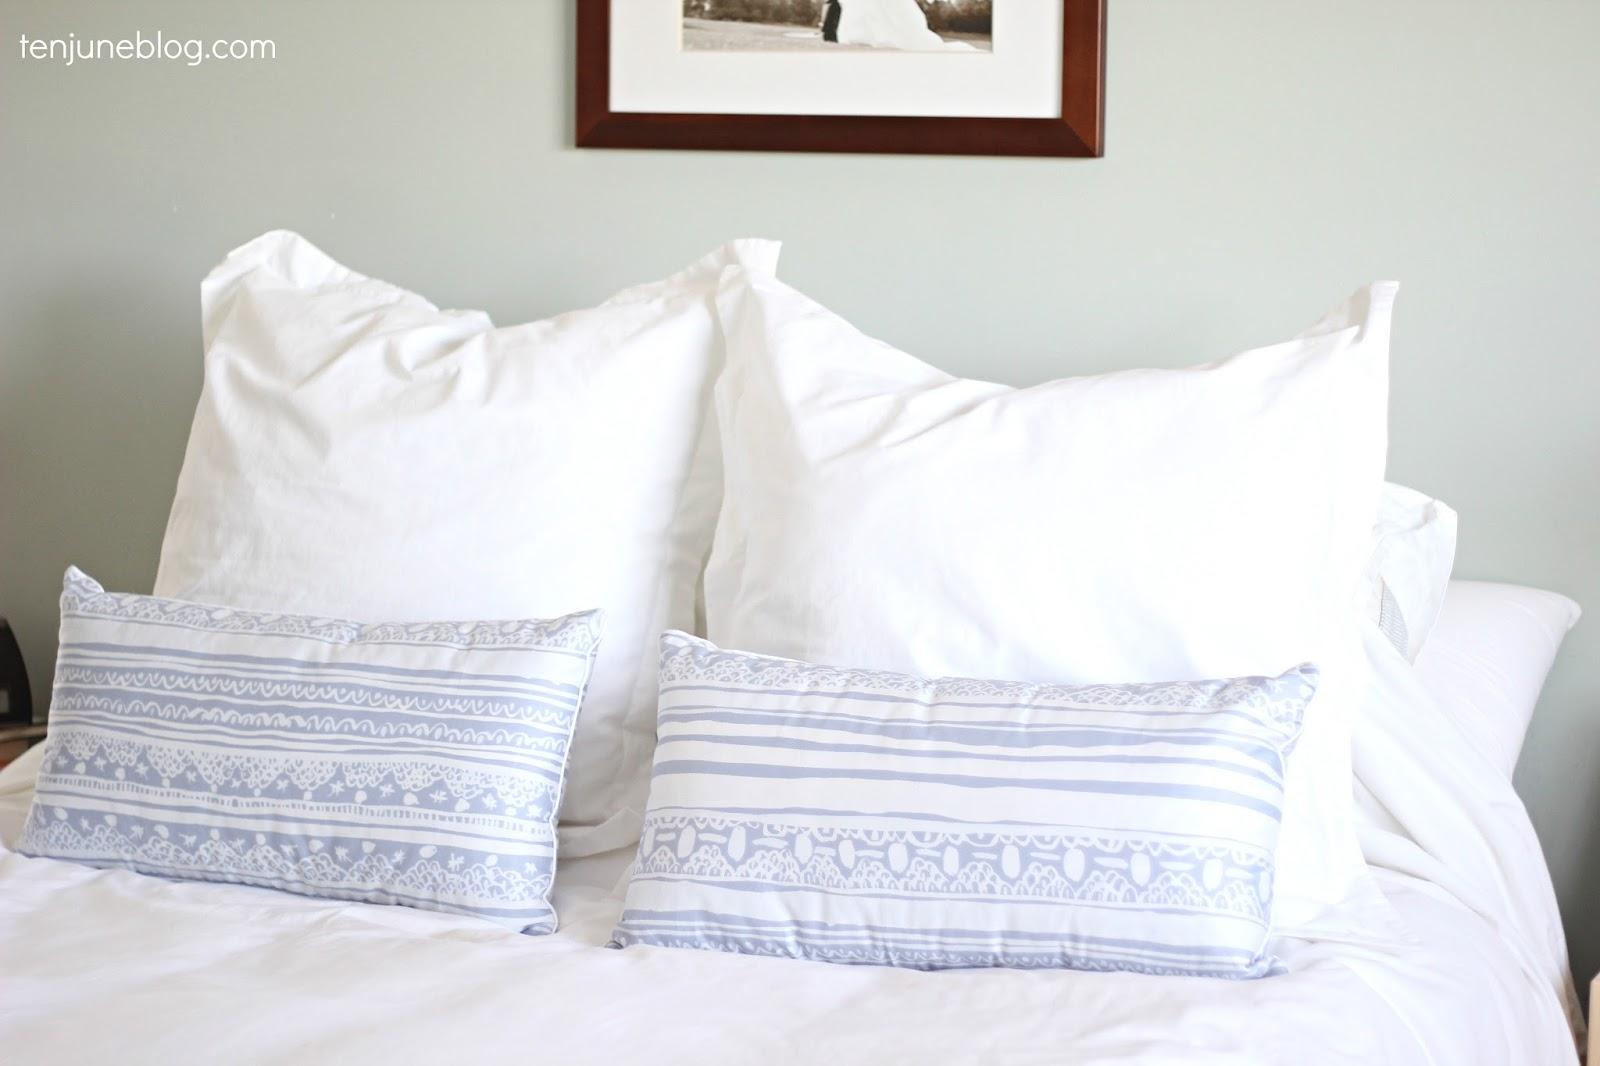 summertime allwhite bedding. ten june summertime allwhite bedding